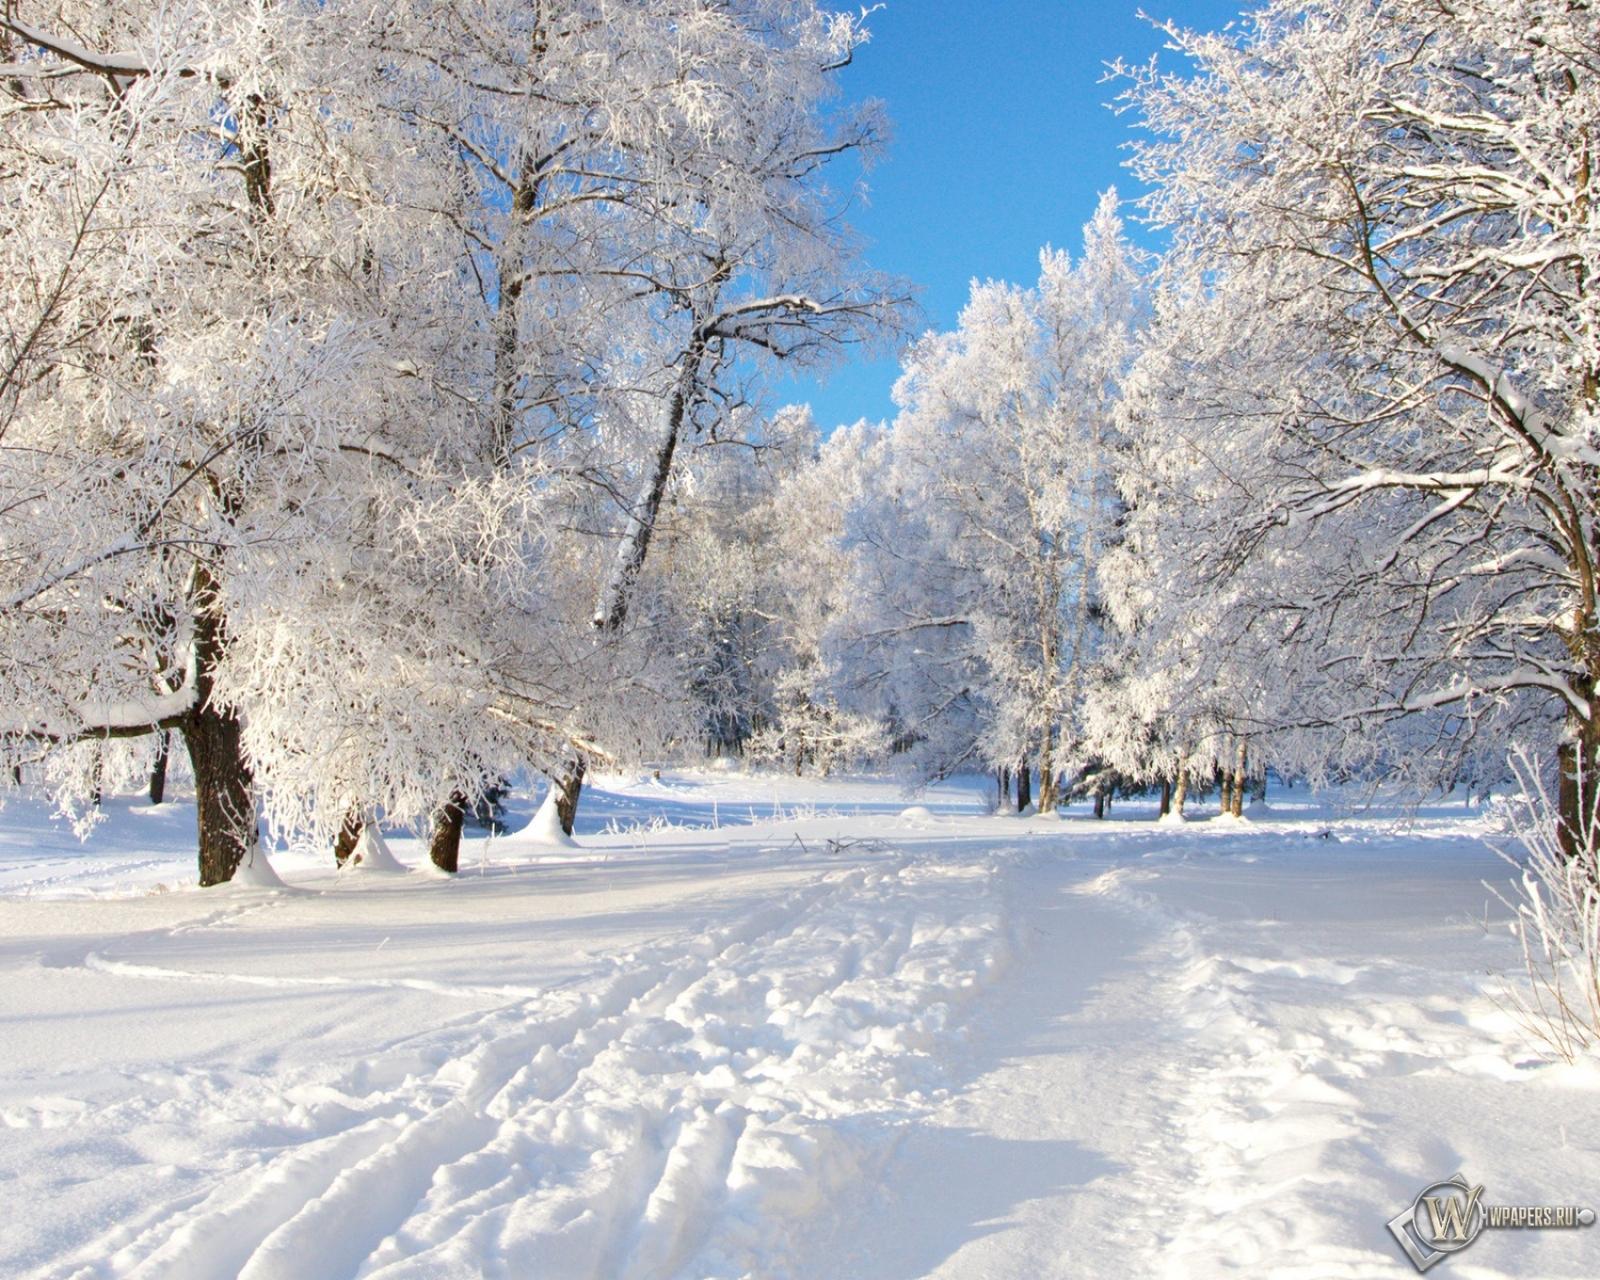 Обои снежная тропа на рабочий стол с